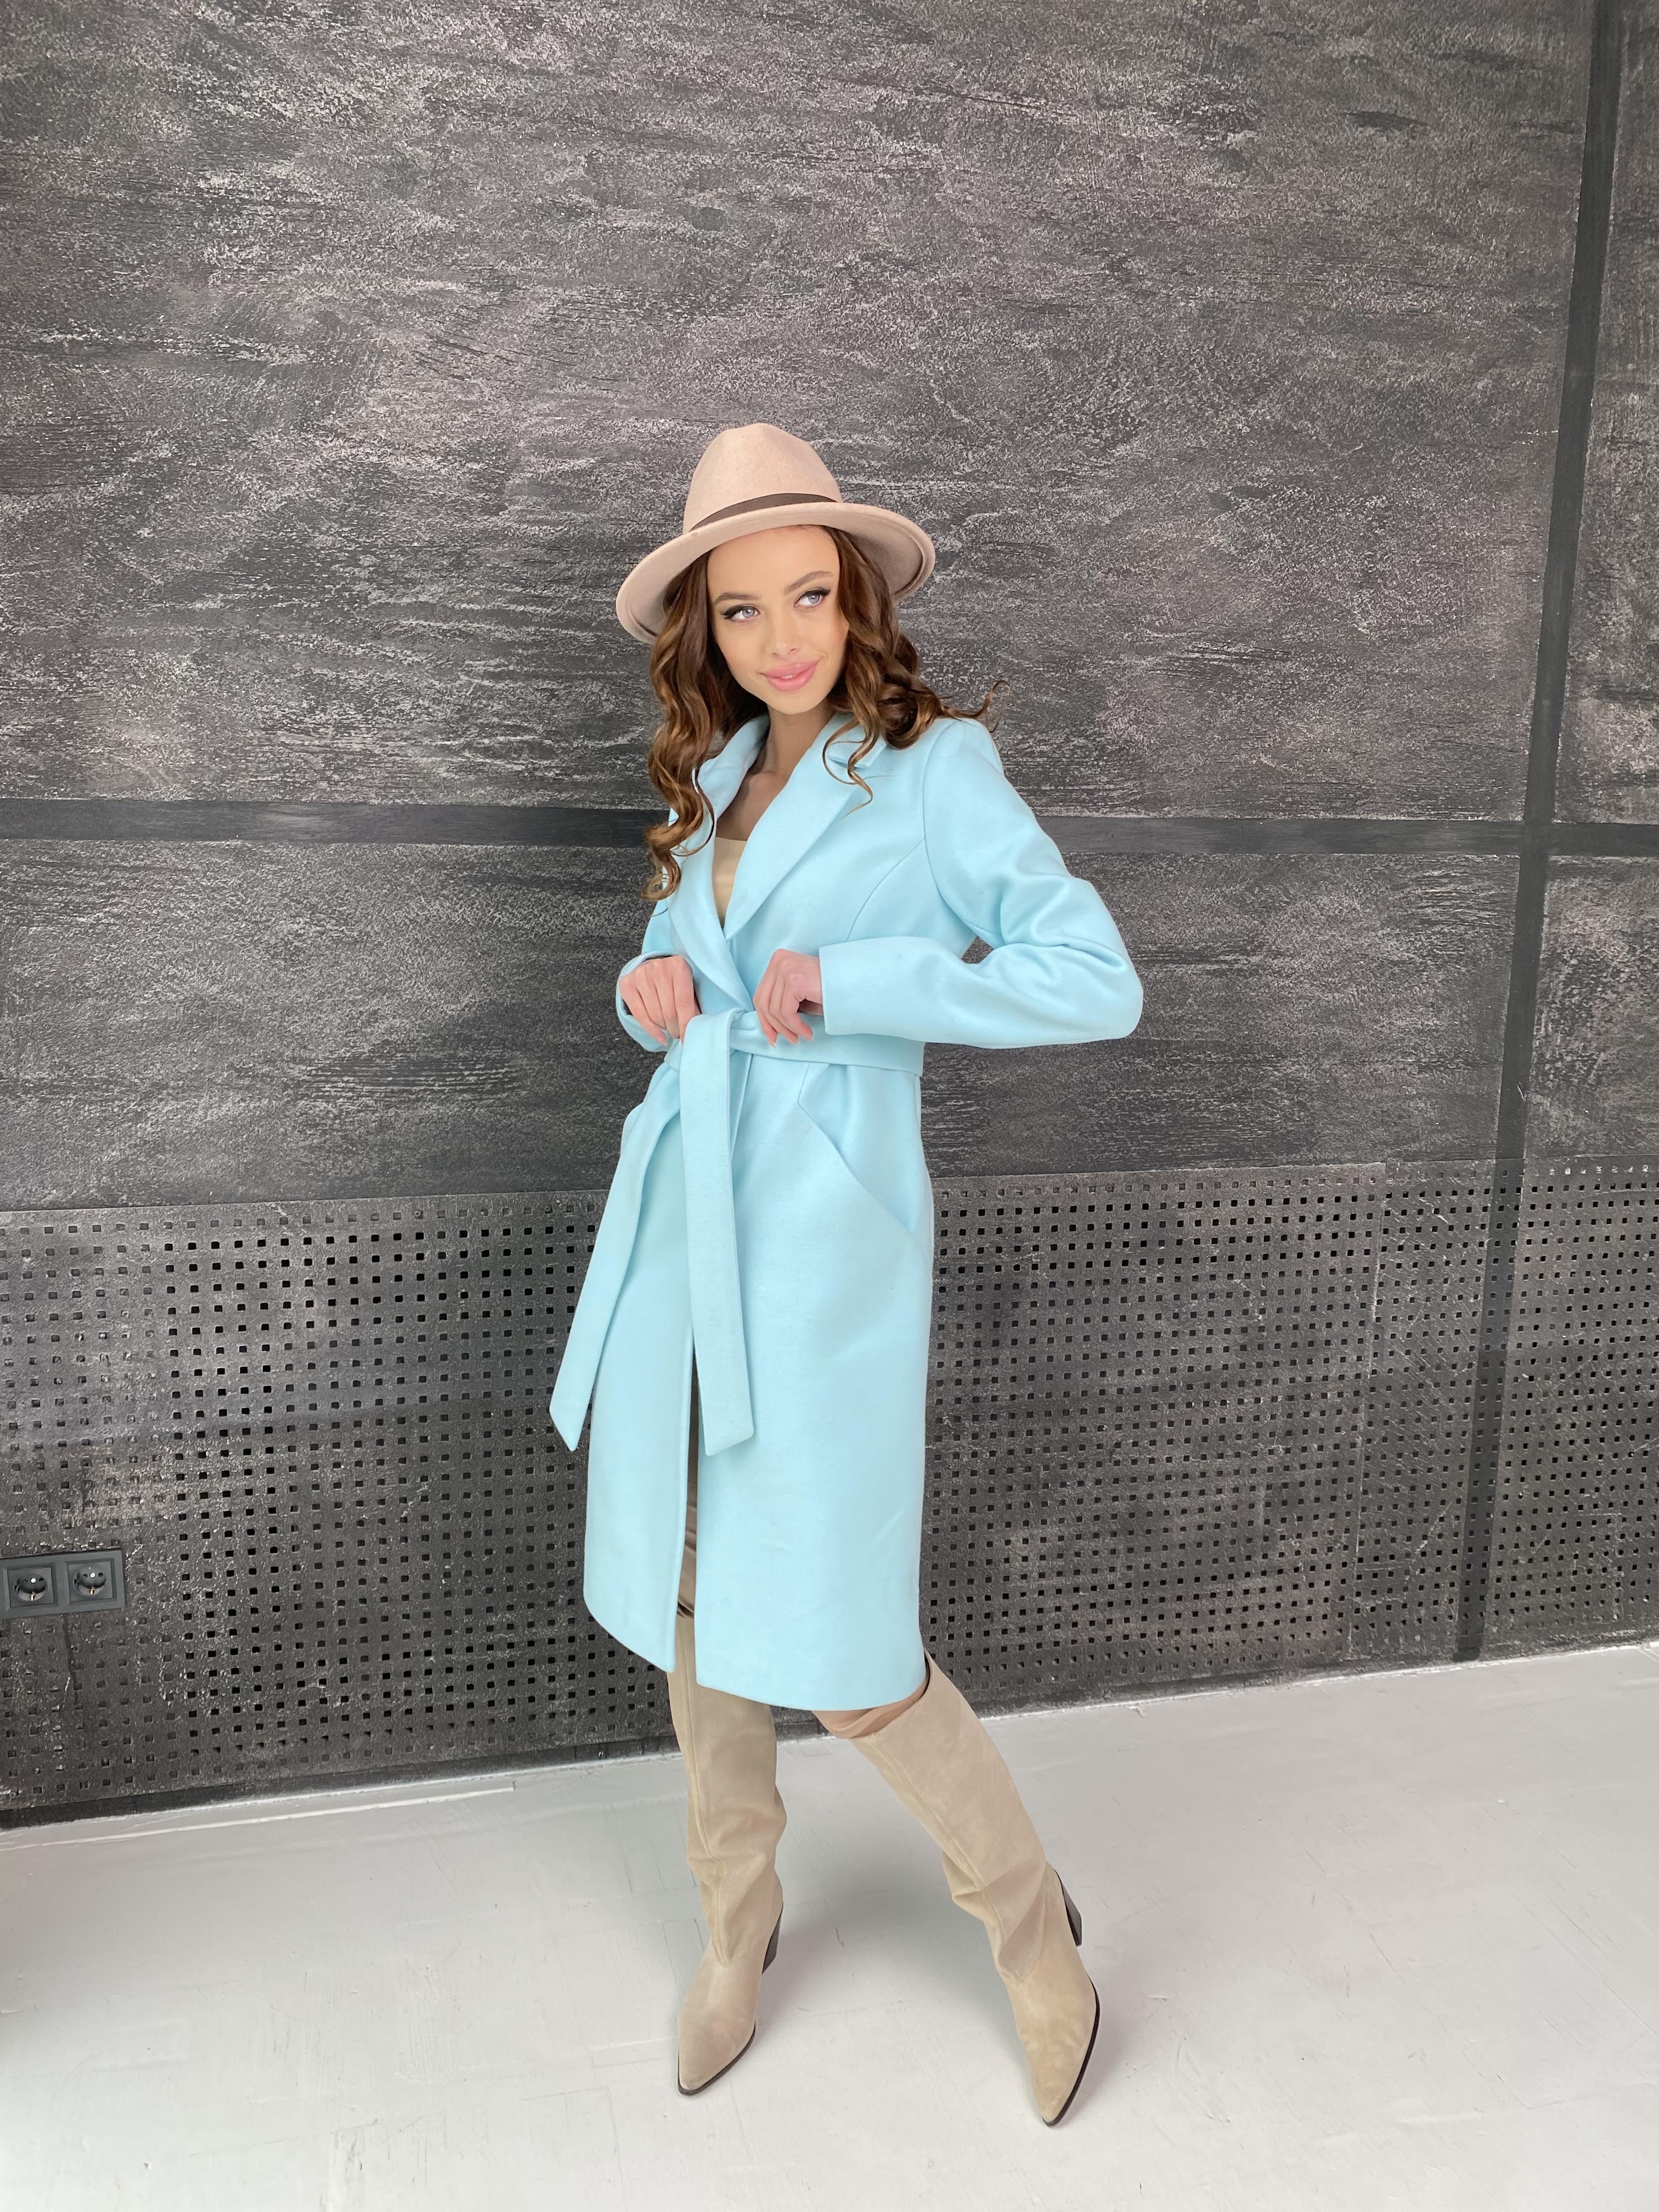 Мехико пальто из кашемира 9026 АРТ. 45350 Цвет: Мята 6 - фото 1, интернет магазин tm-modus.ru